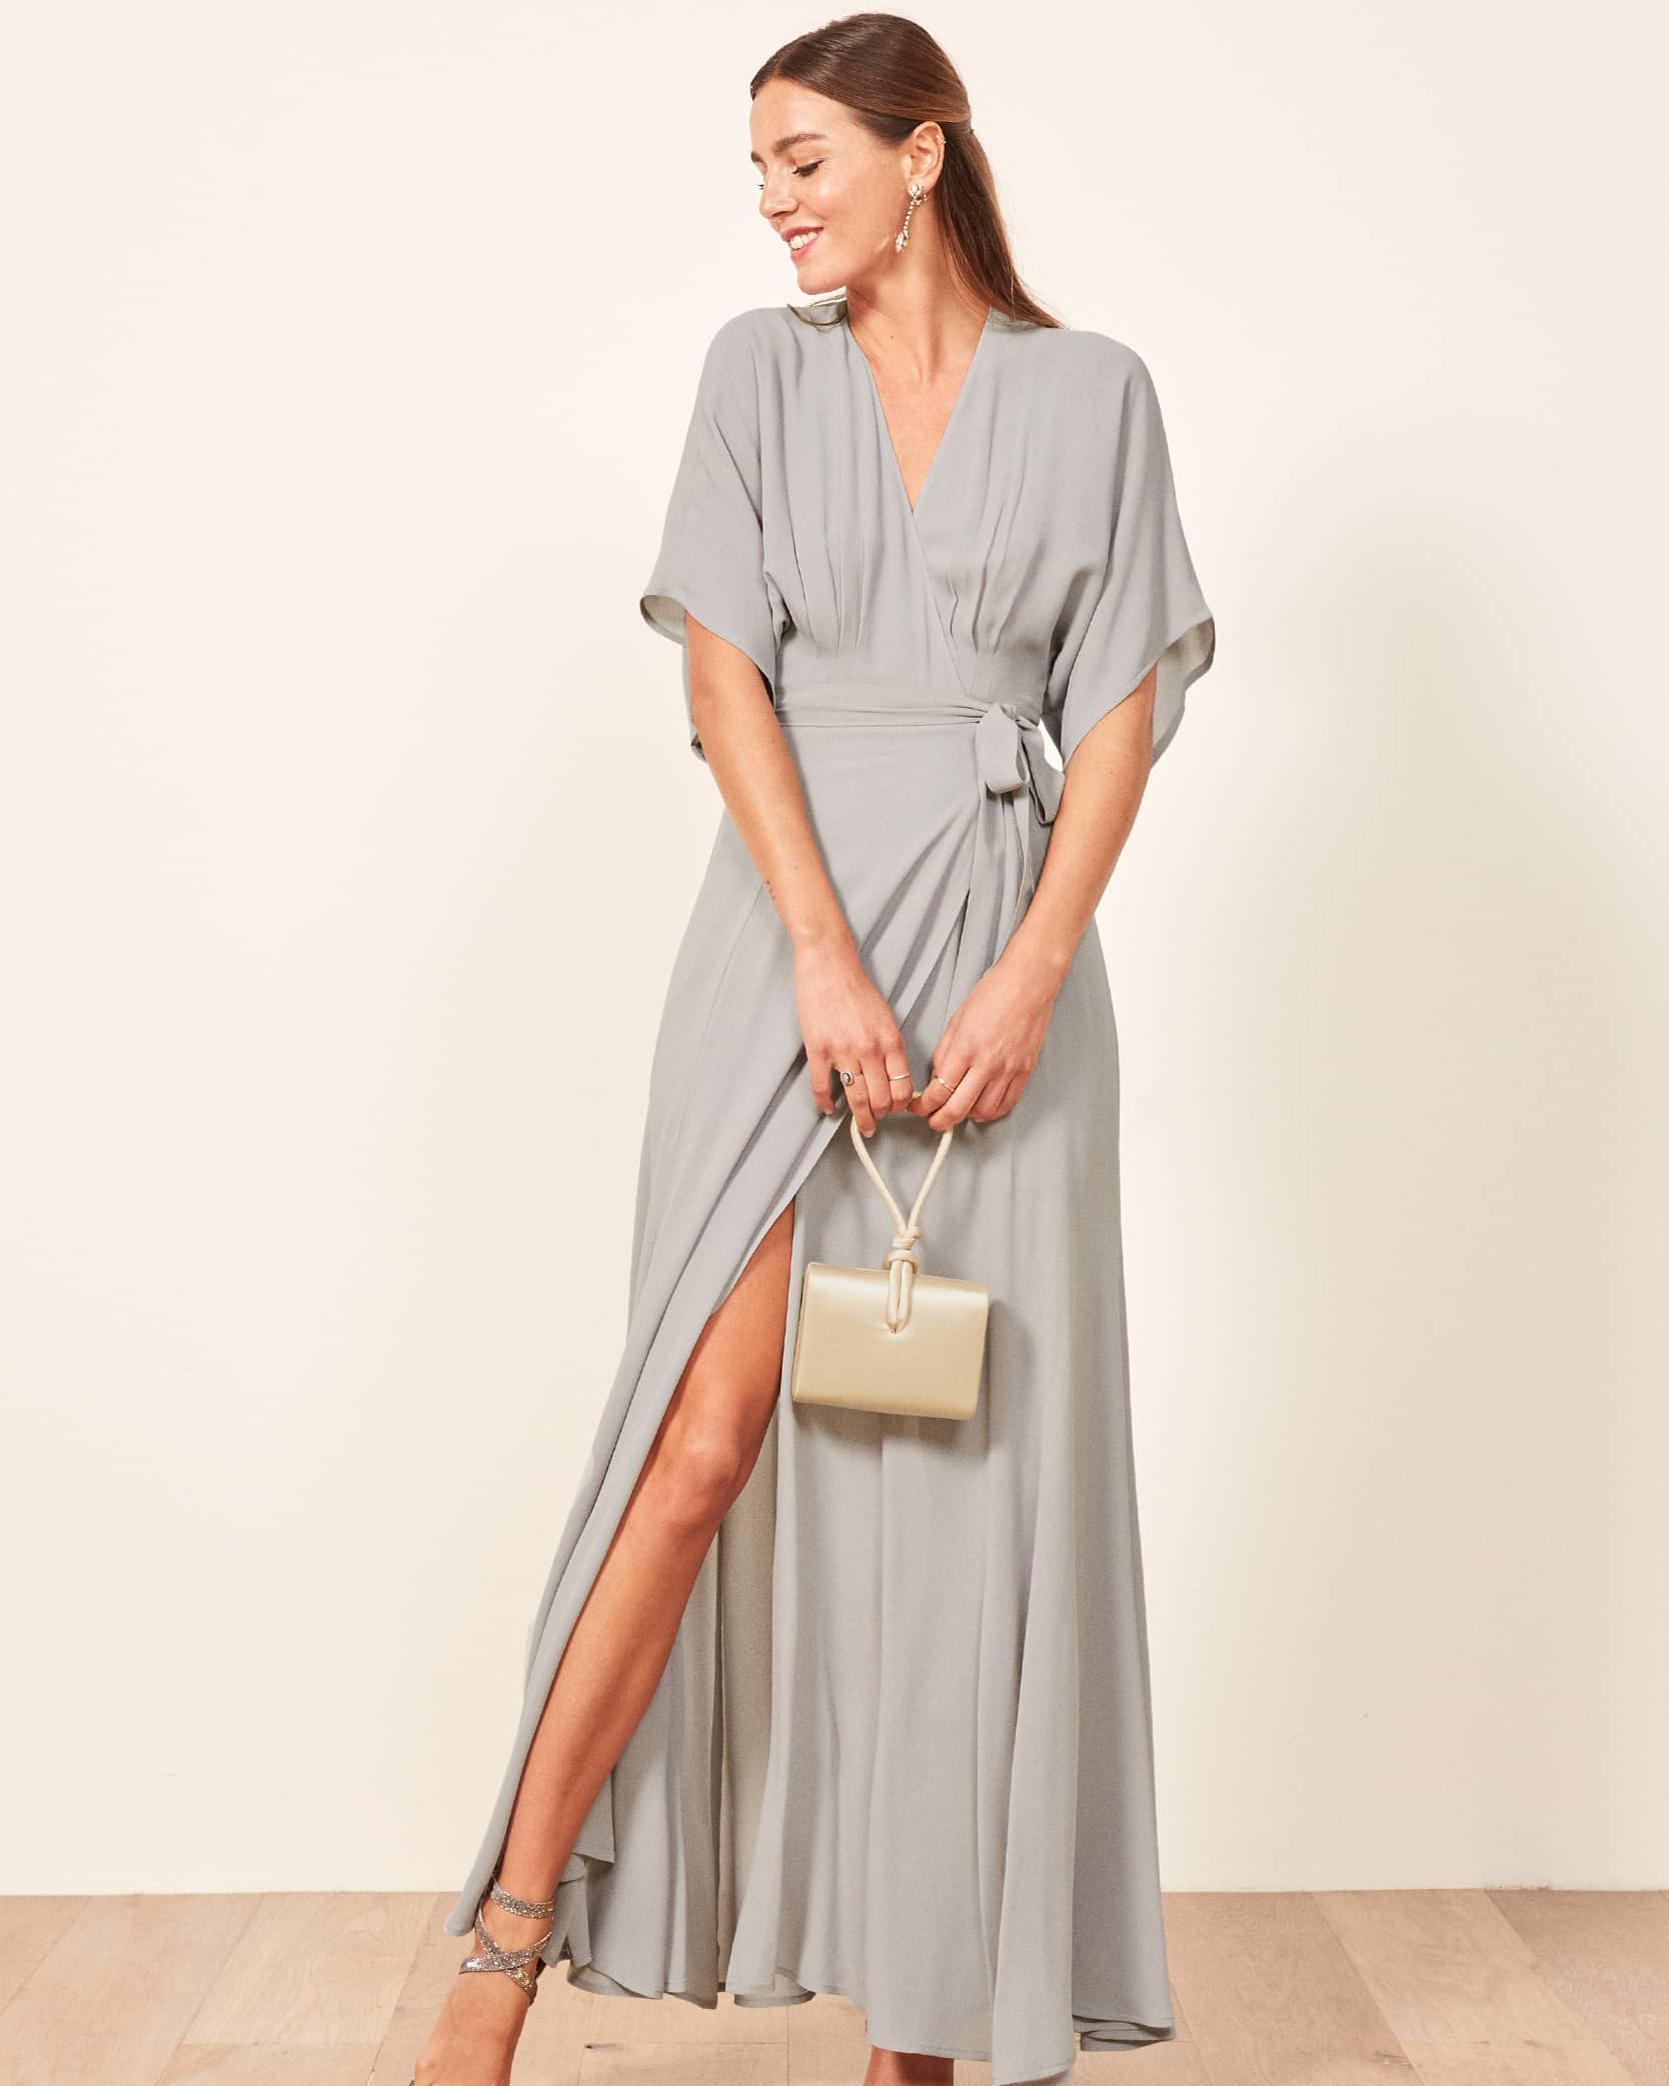 v-neck gray maxi wrap dress with kimono sleeves